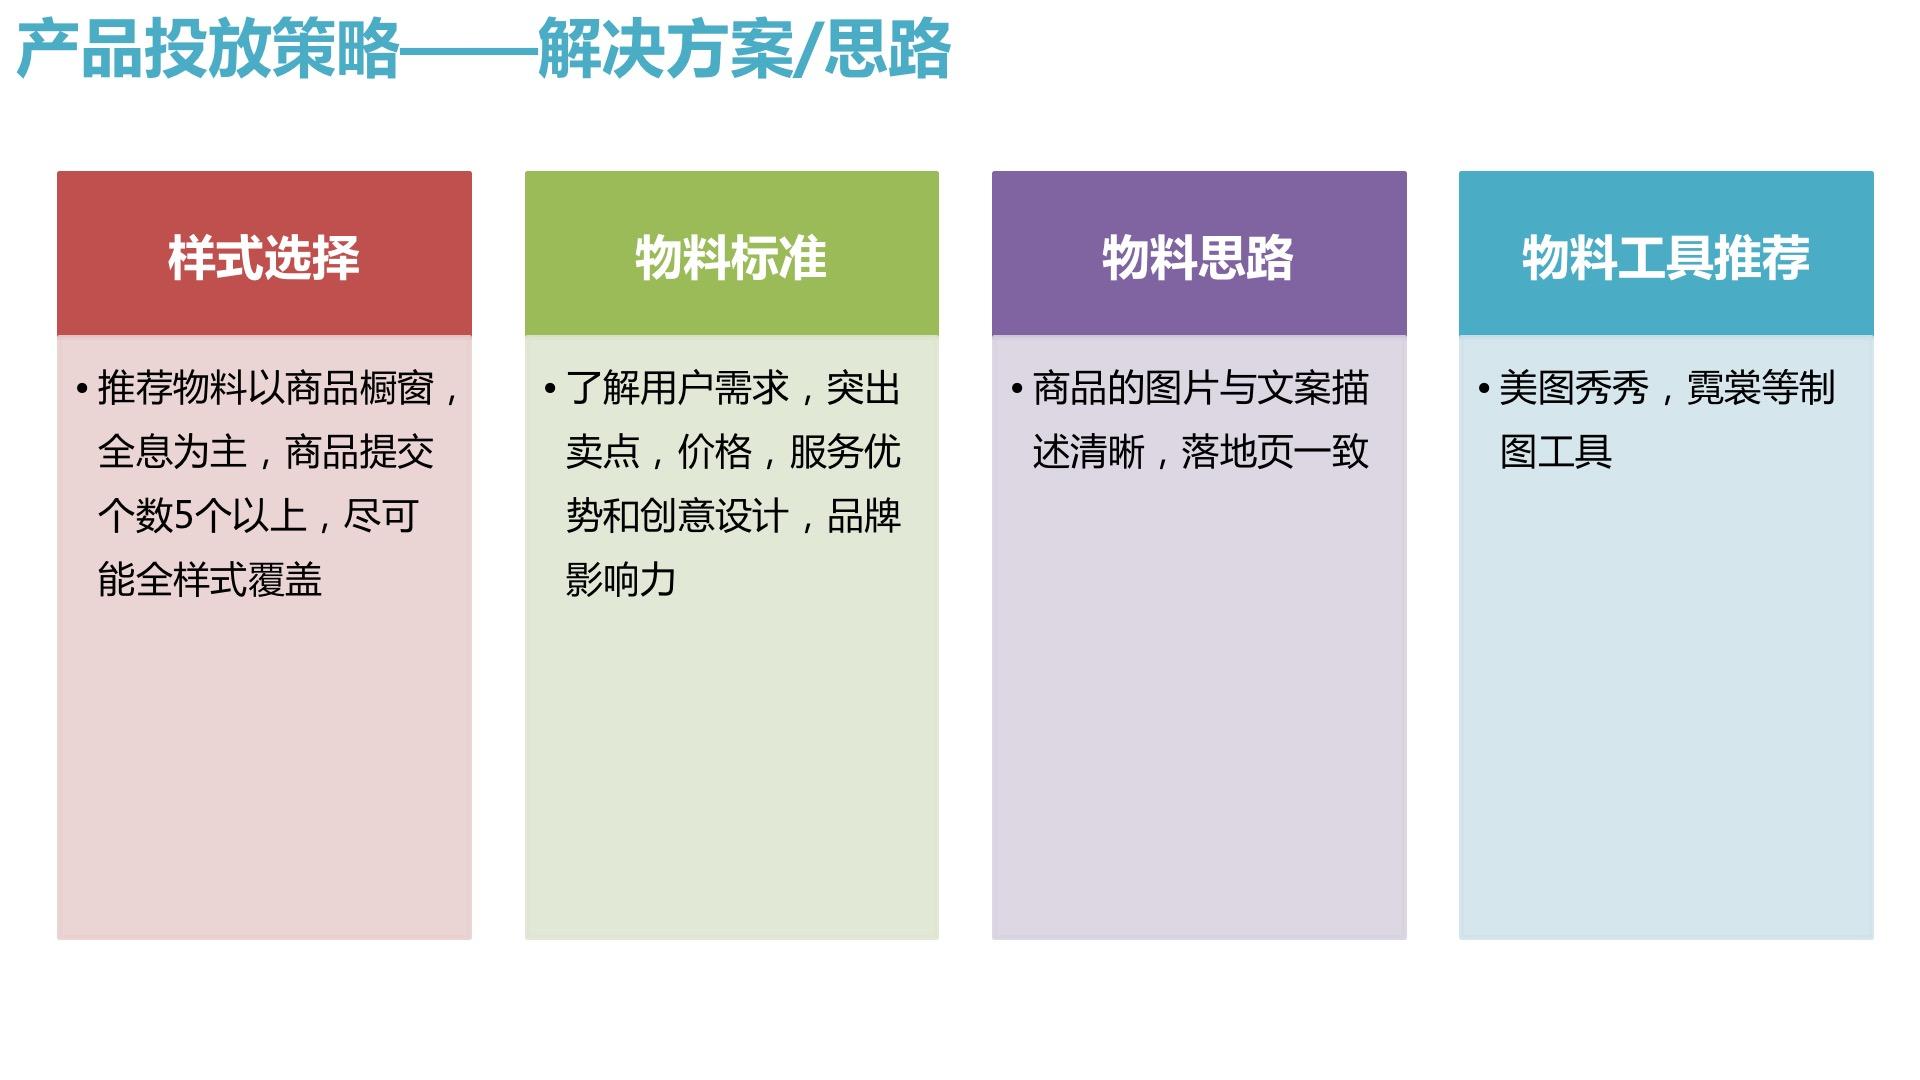 华南+生活服务+saiyenet+2081179.jpg